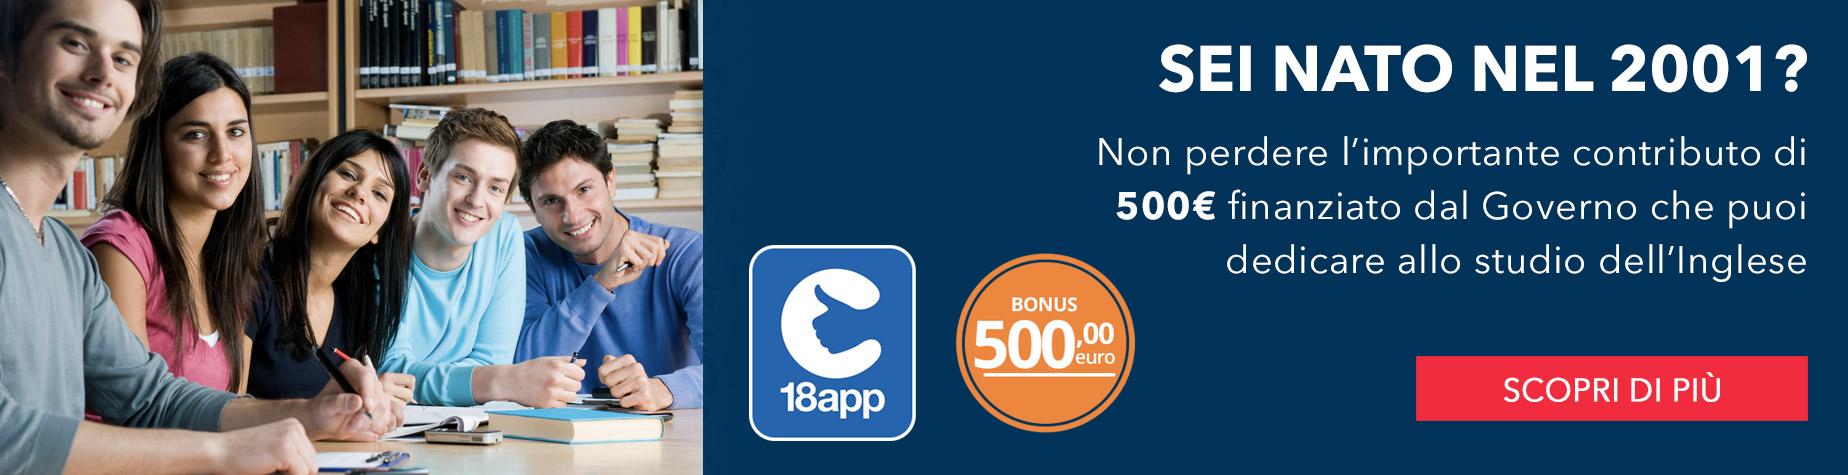 WSE Bonus 500 € 18 anni   corsi di inglese